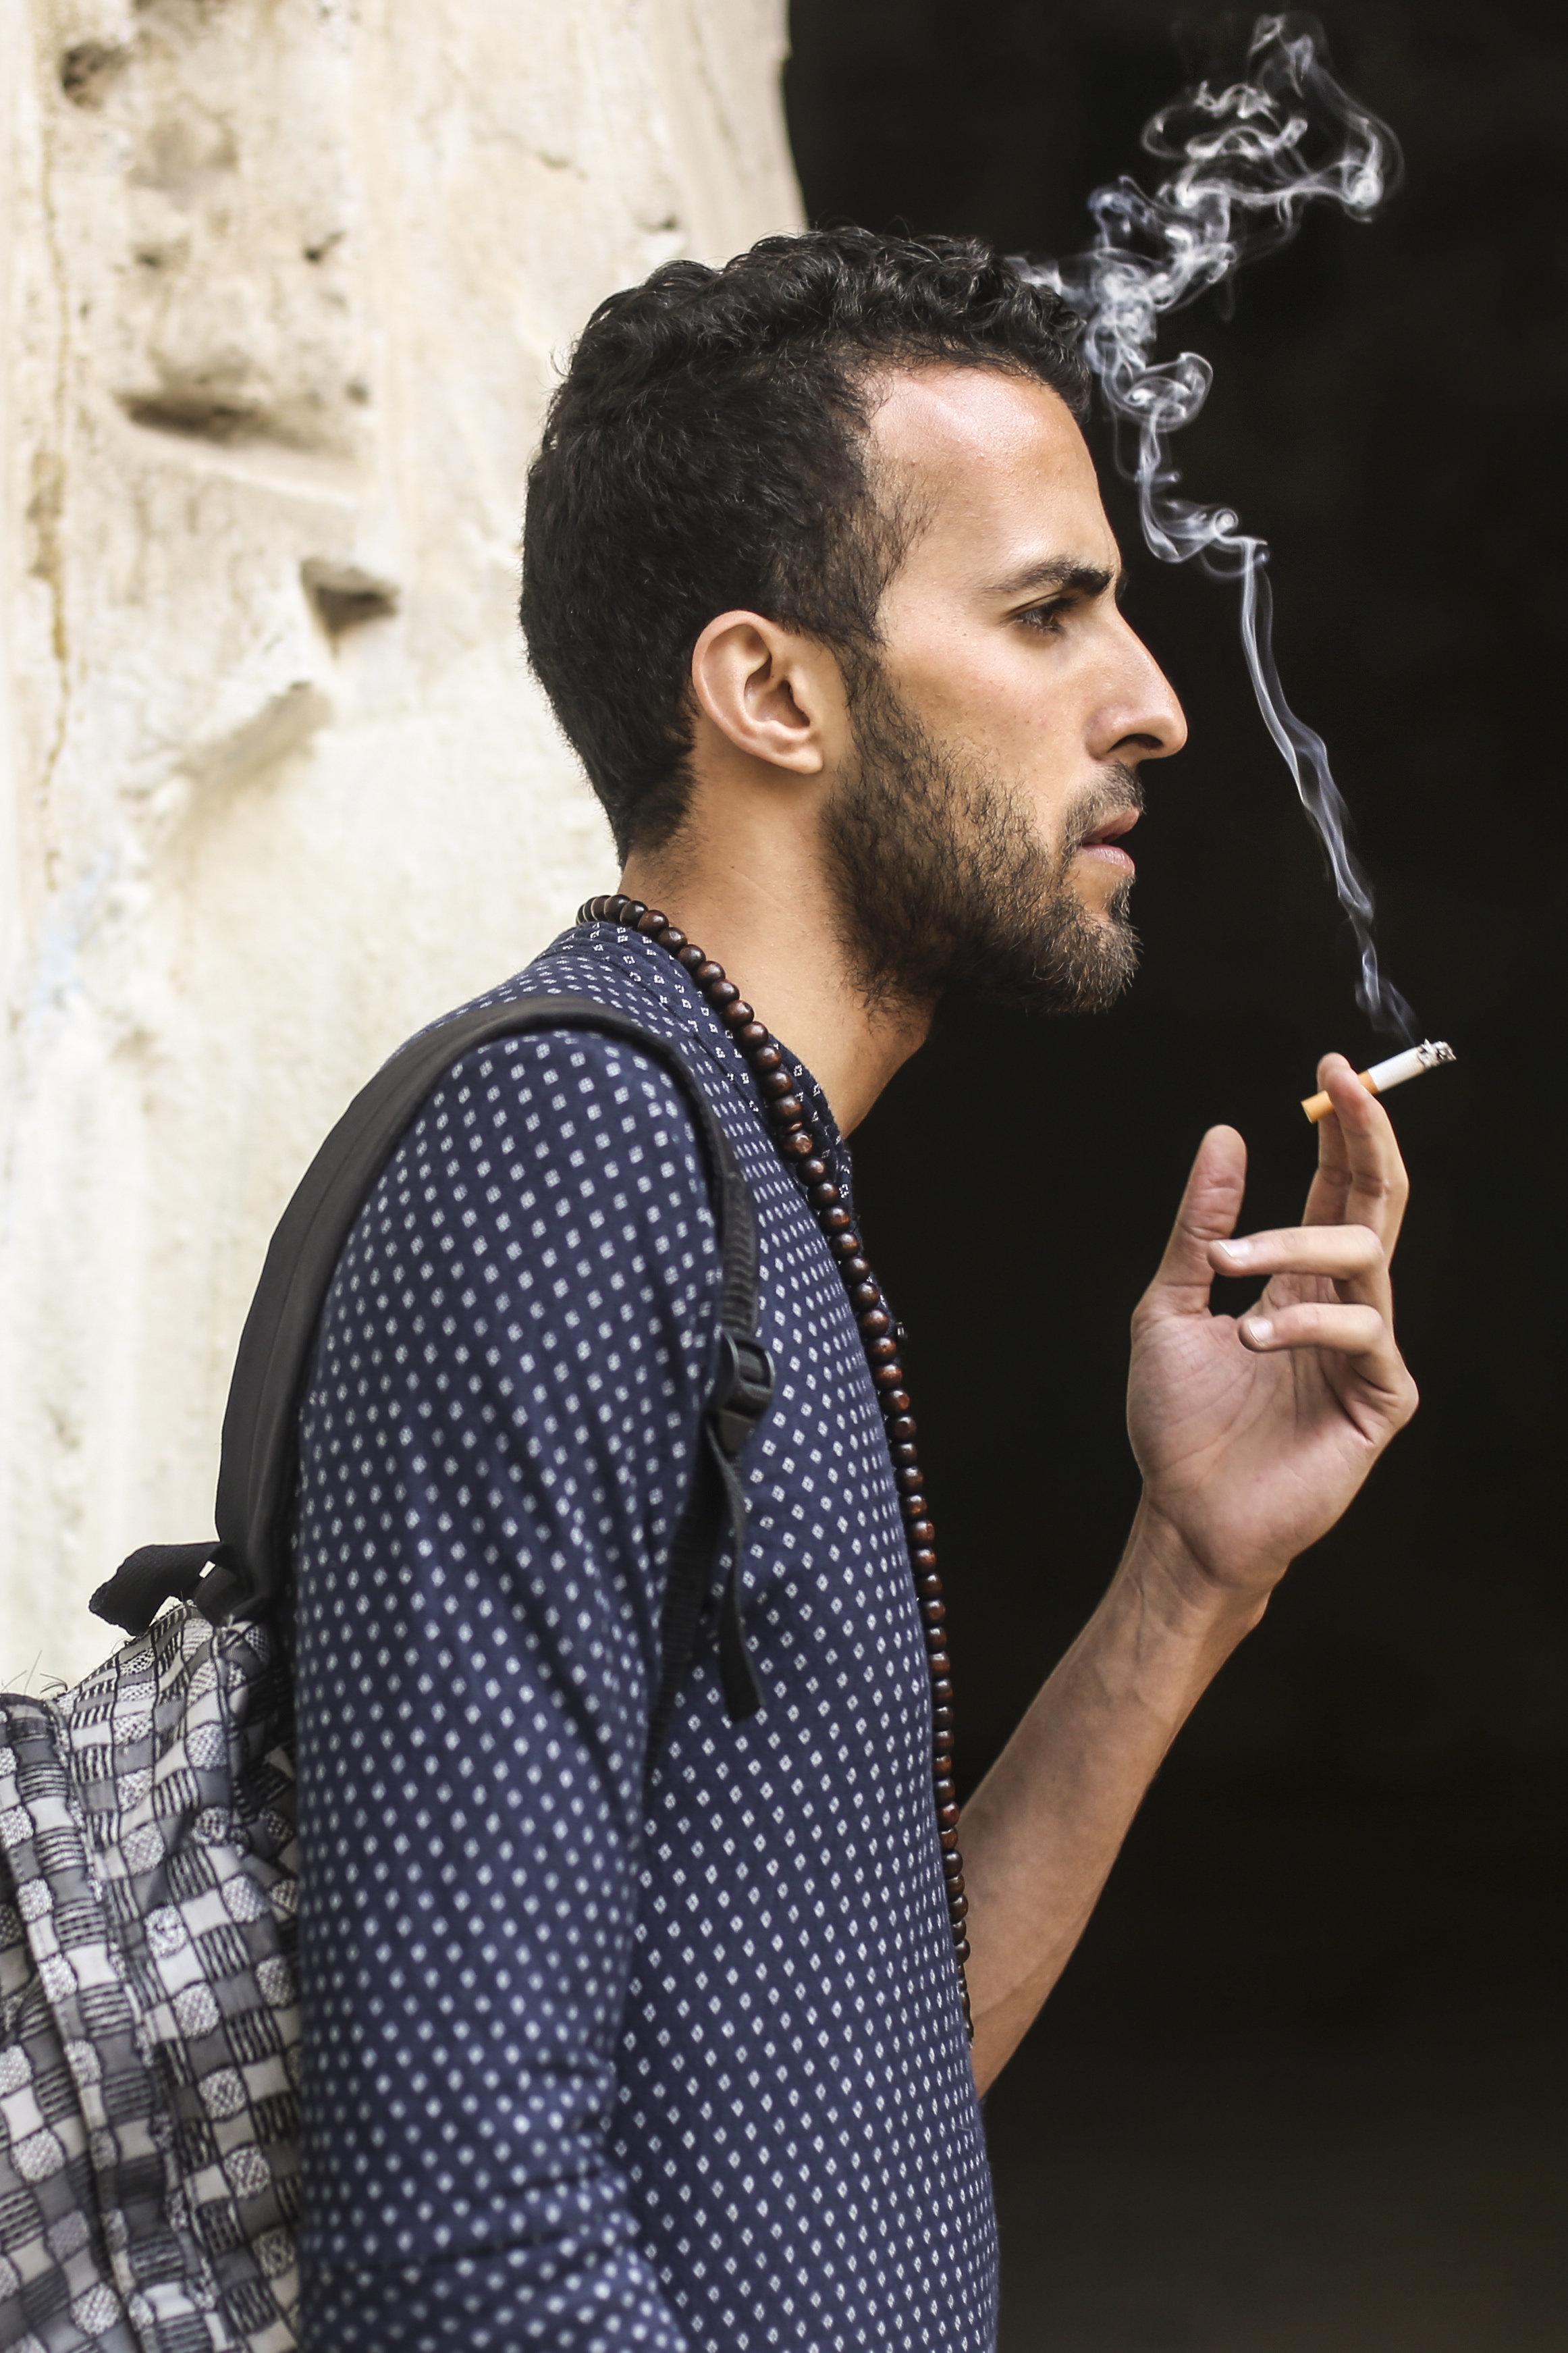 Les prix des tabacs ont augmenté de 15,2% entre décembre et